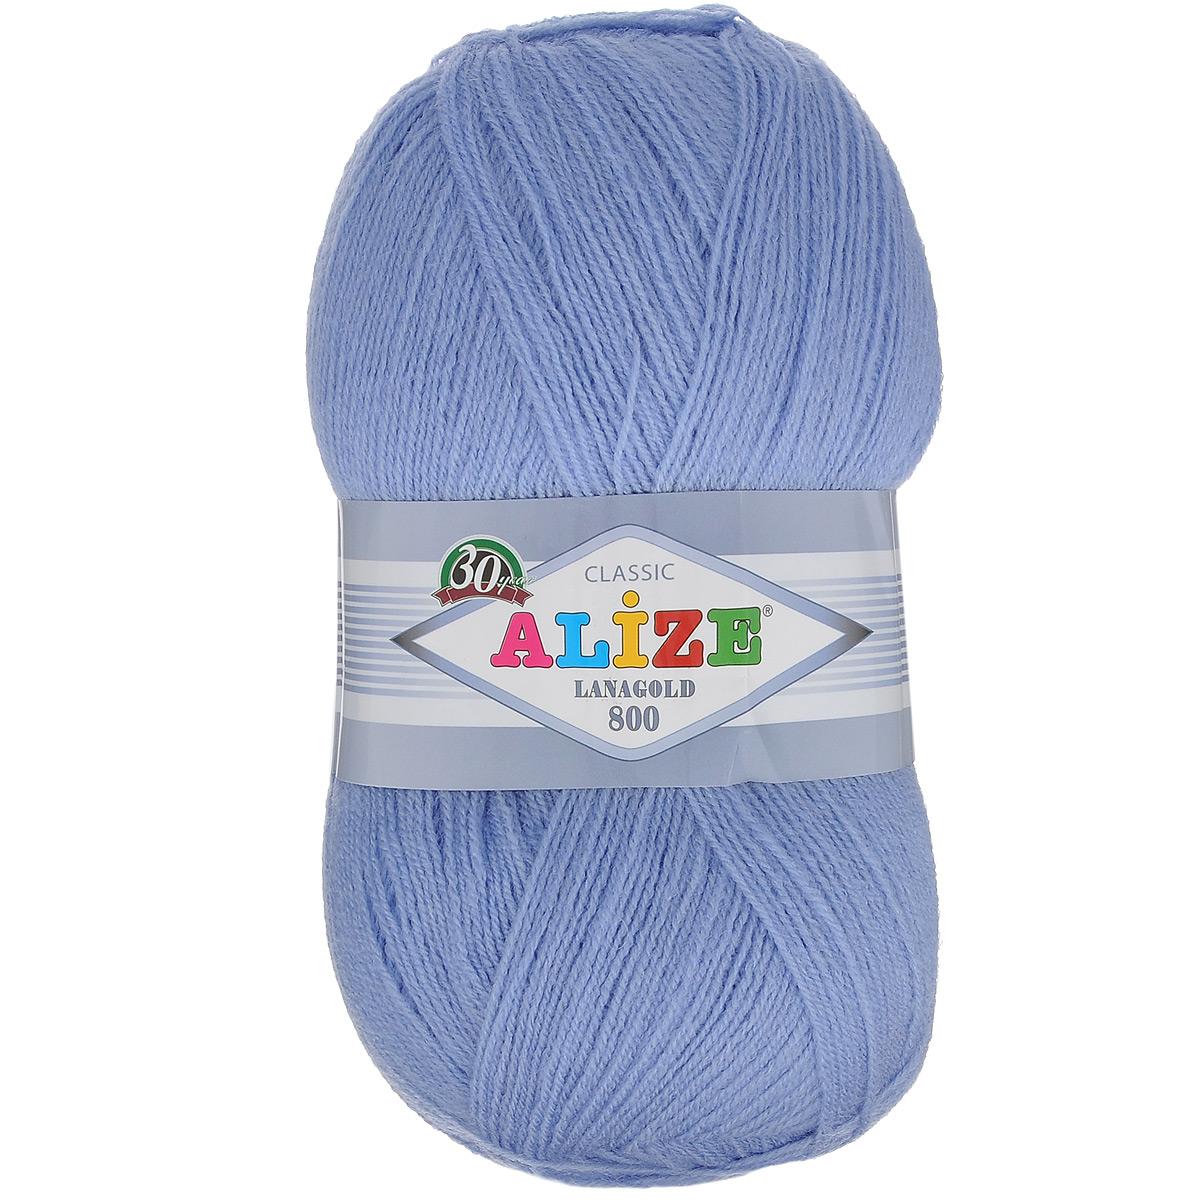 """Пряжа для вязания Alize """"Lanagold 800"""", цвет: голубой (40), 800 м, 100 г, 5 шт"""